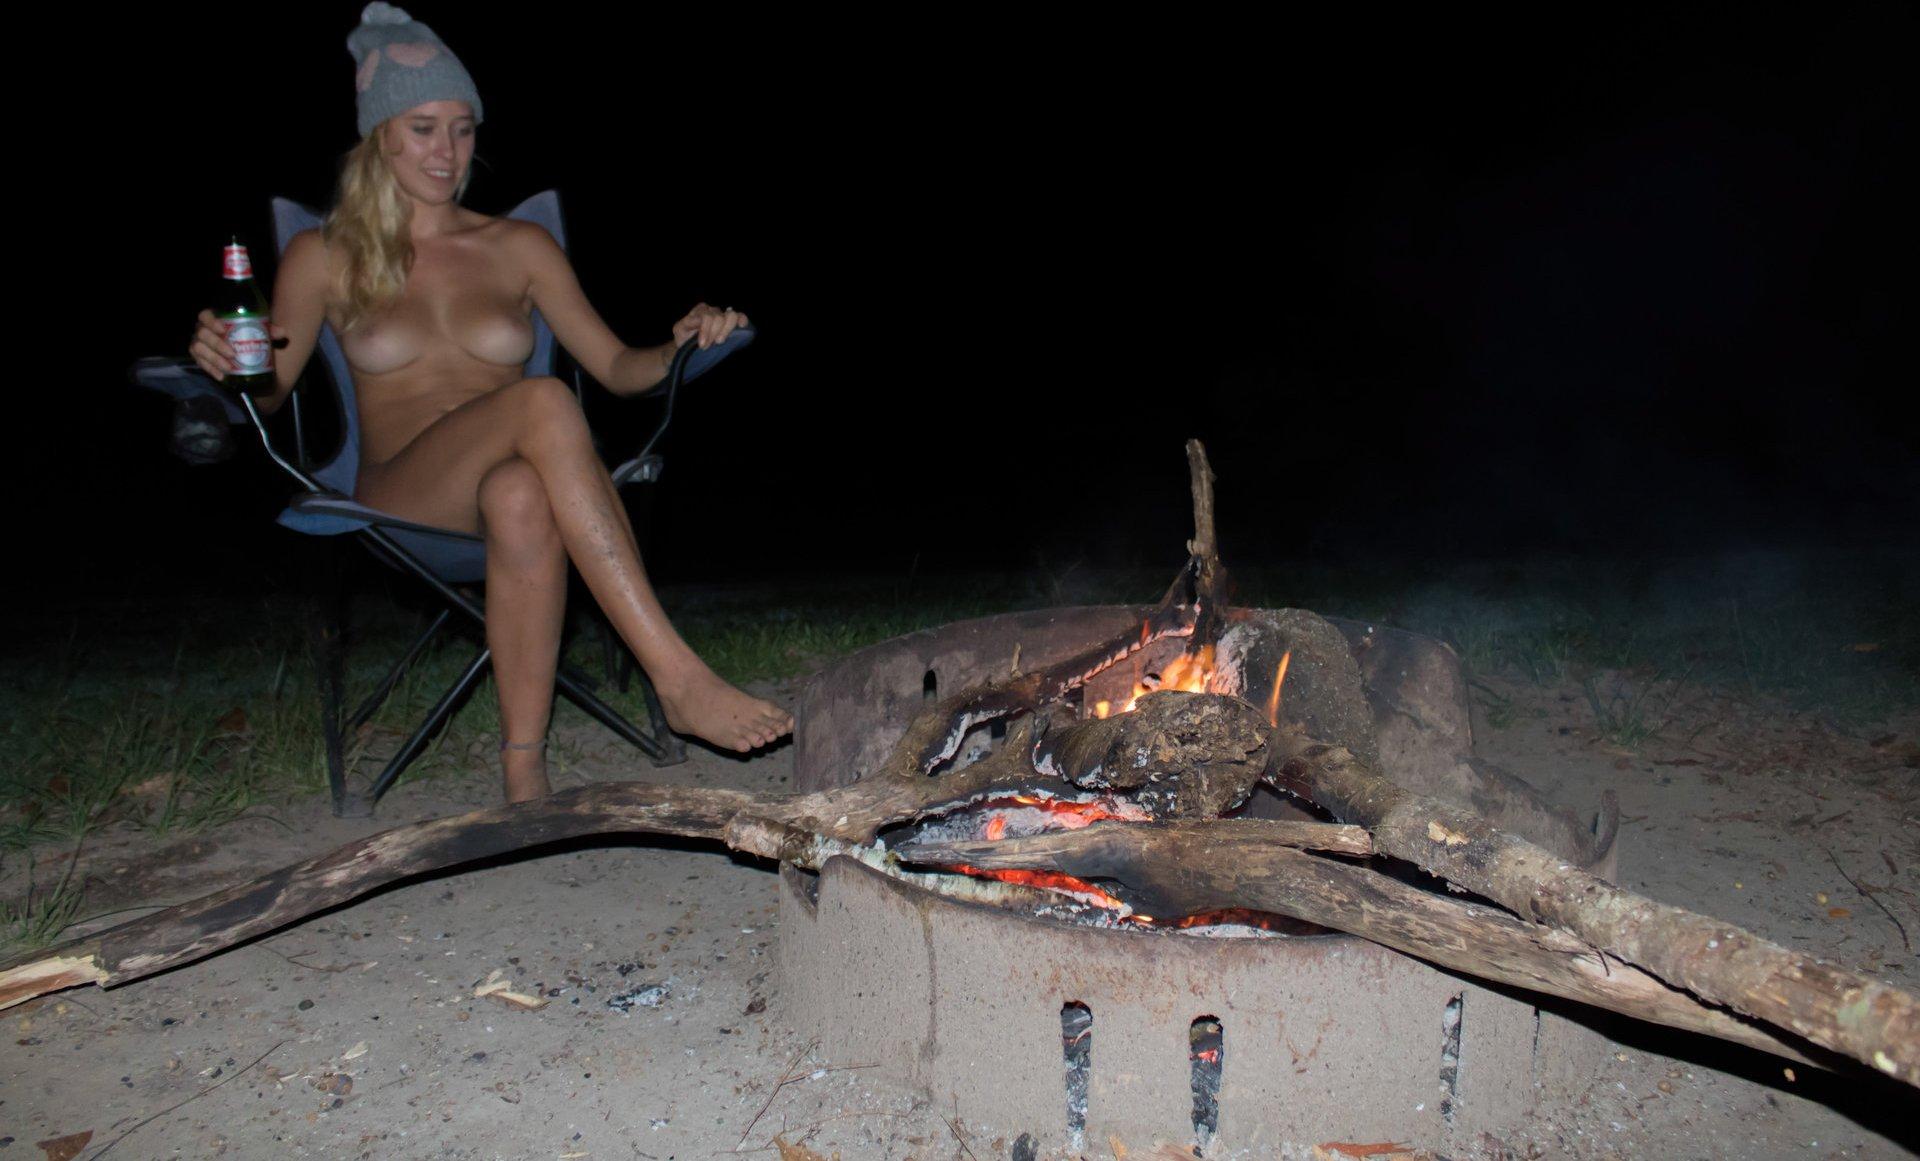 Stella Cordes Anakedgirl Nudes Leaks 0037